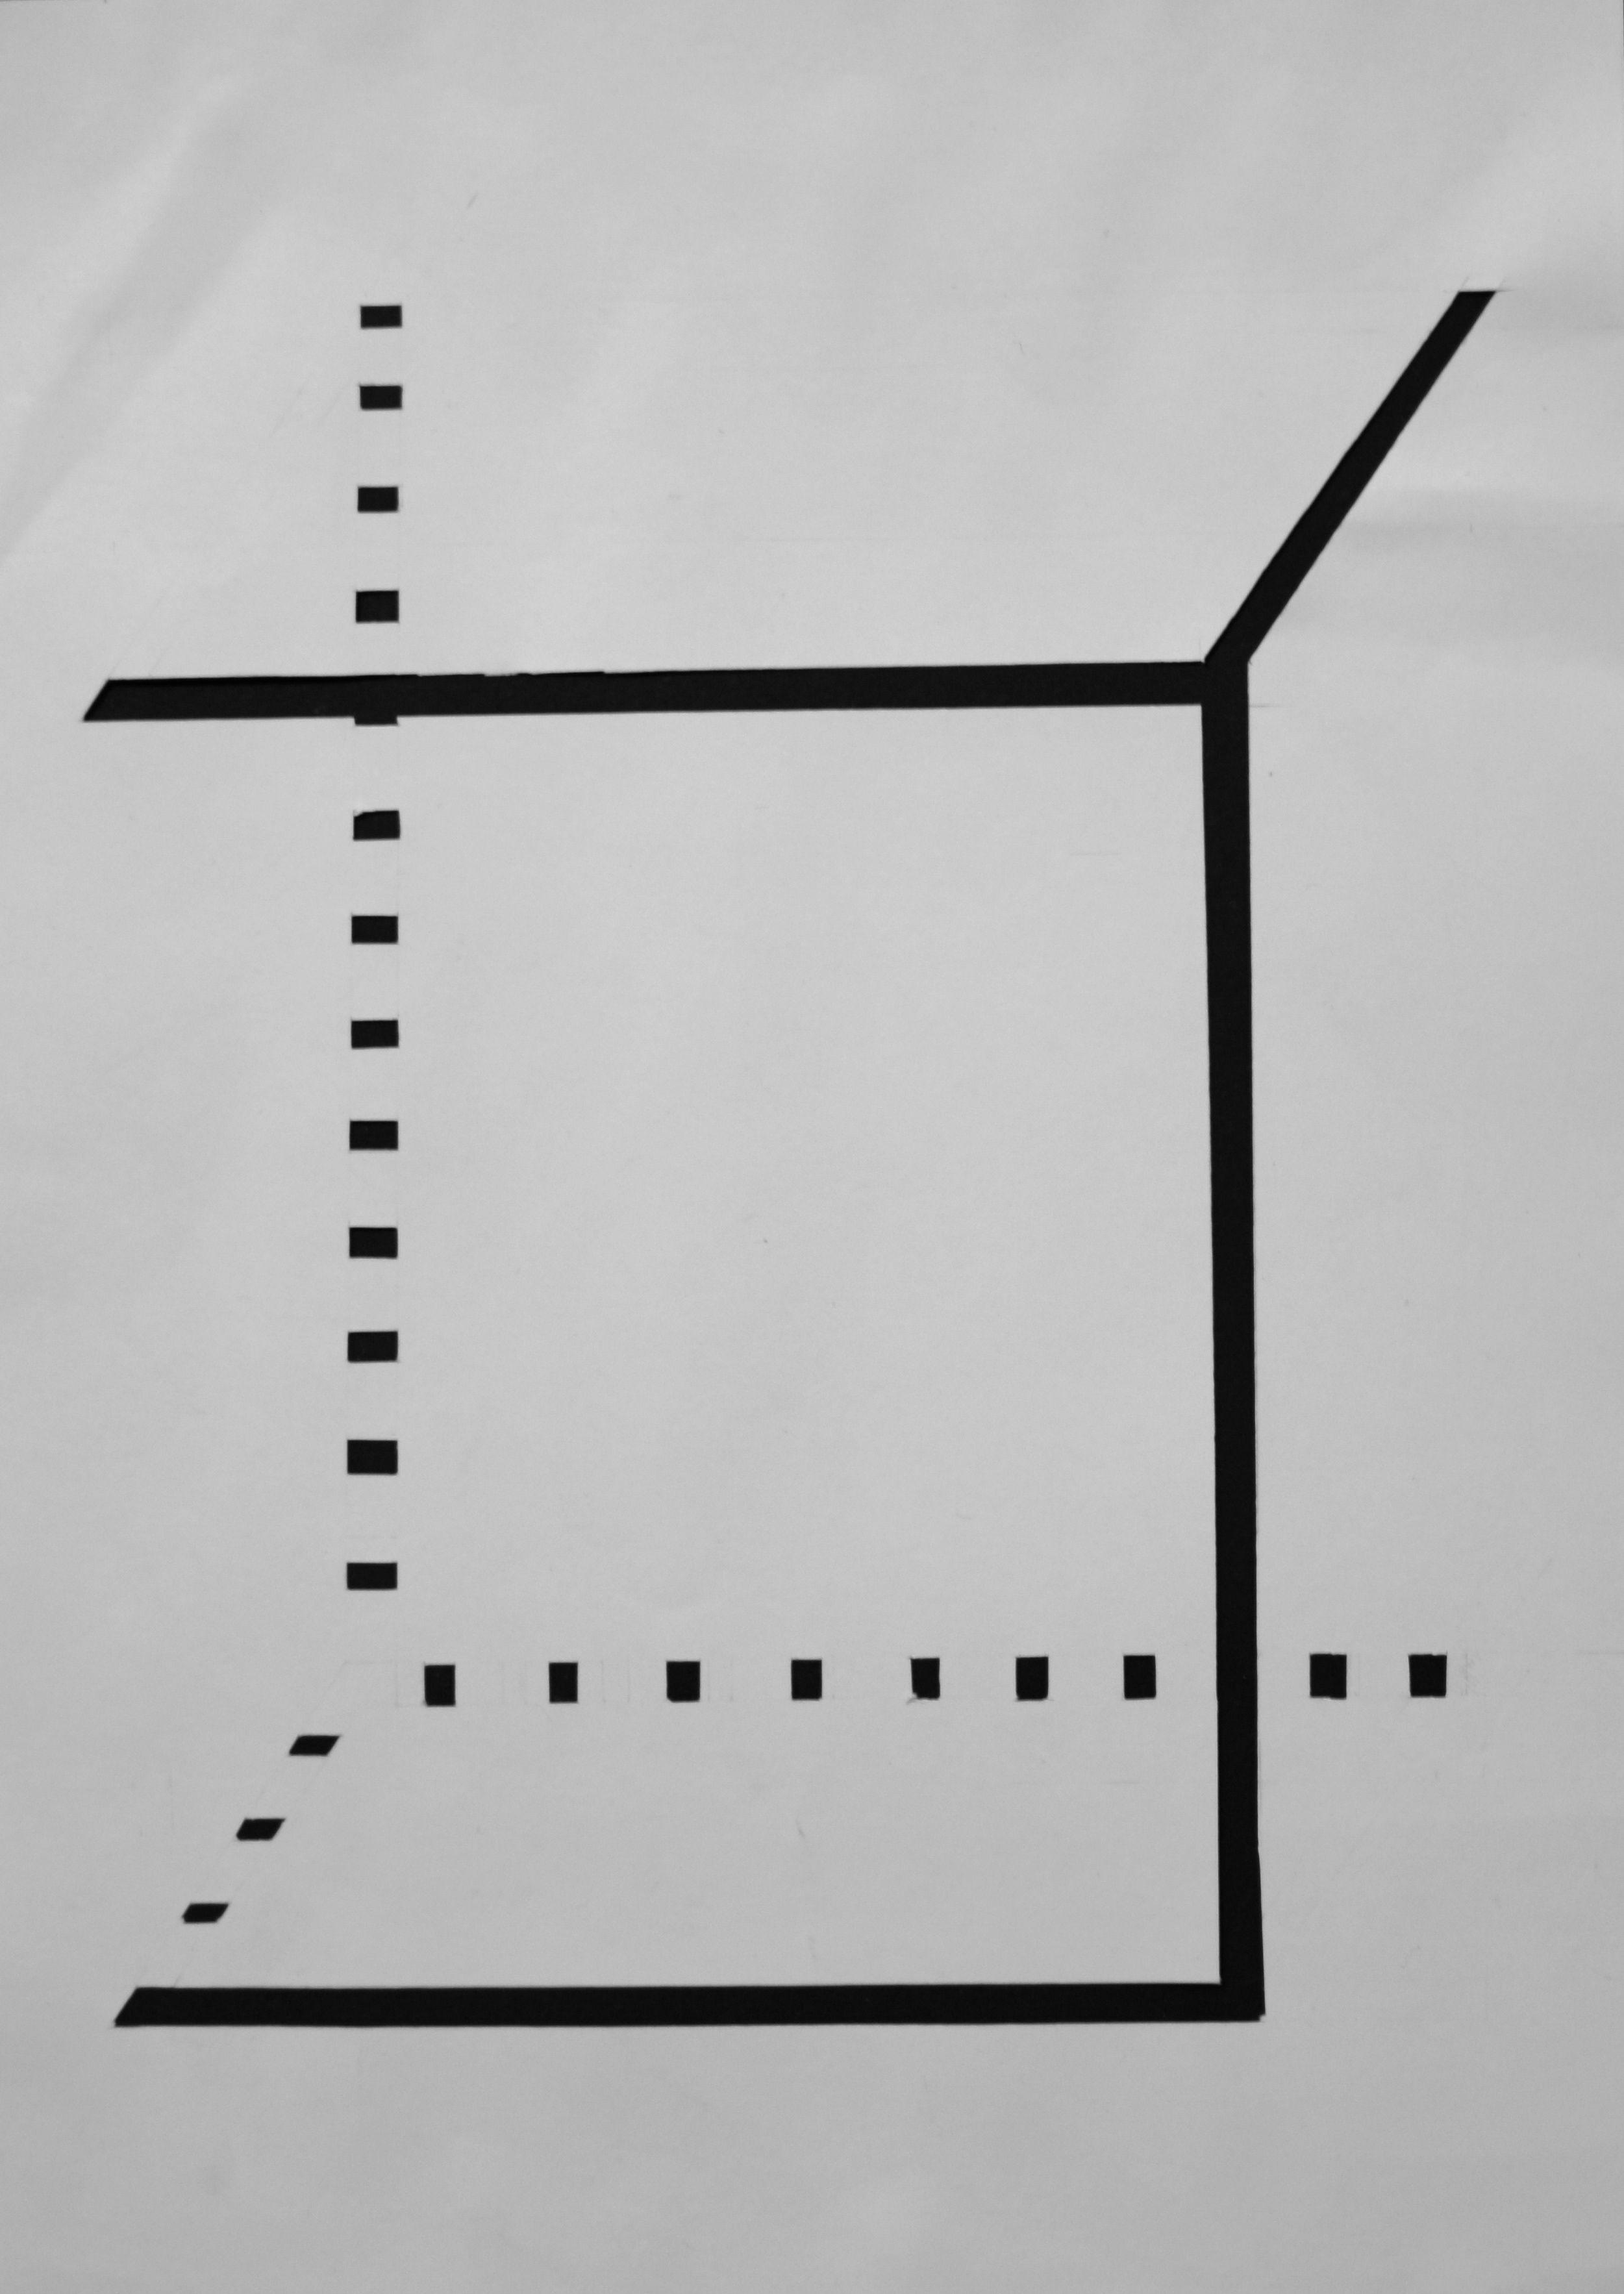 193 Emmanuelle Hoet Ex 1 - Structure 2